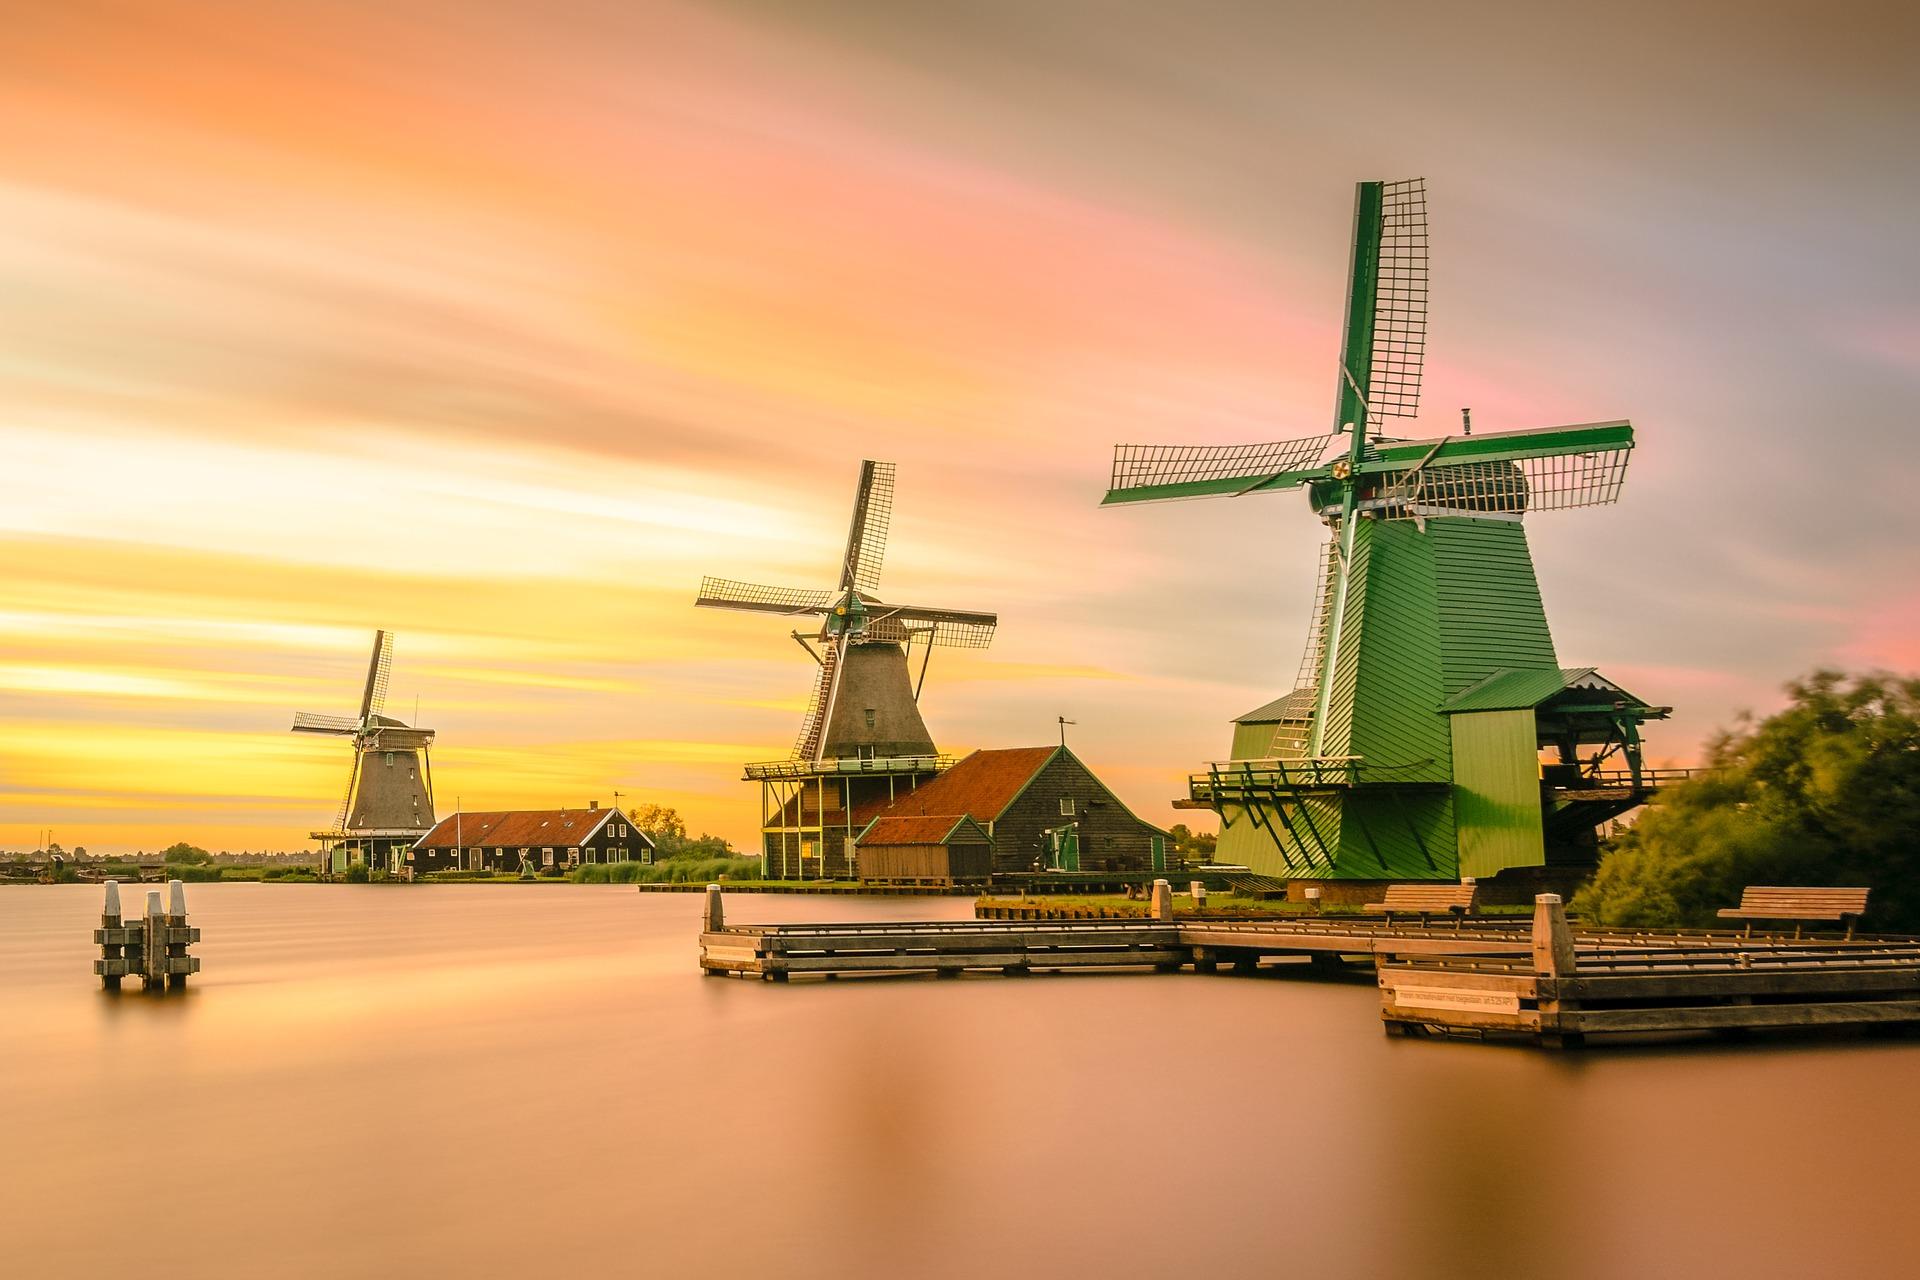 CBD Öl in Holland zu kaufen ist für deutsche Verbraucher nicht die beste Idee.